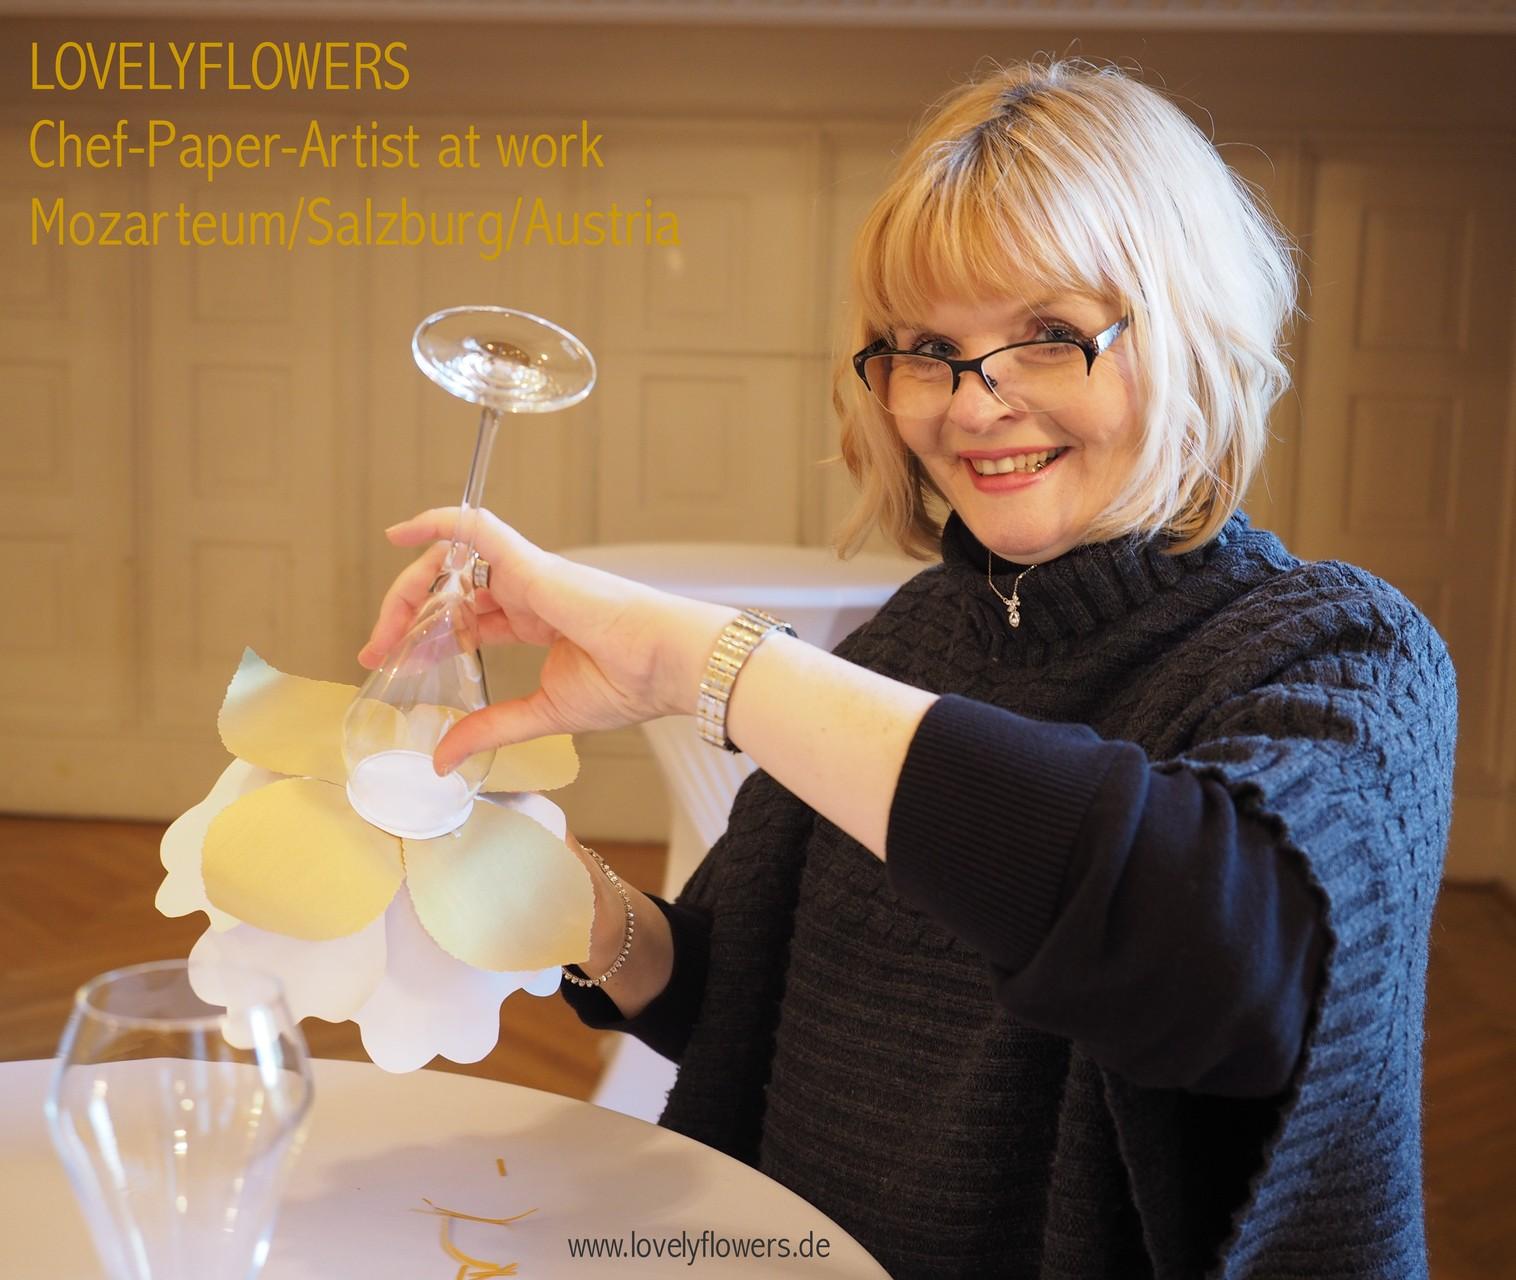 Chef-Paper-Artist Sabine Vöpel-Kramer von www.lovelyflowers.de bei Montagearbeiten zur Paper-Art Champagnerempfangdekoration im Mozarteum/Salzburg/Österreich